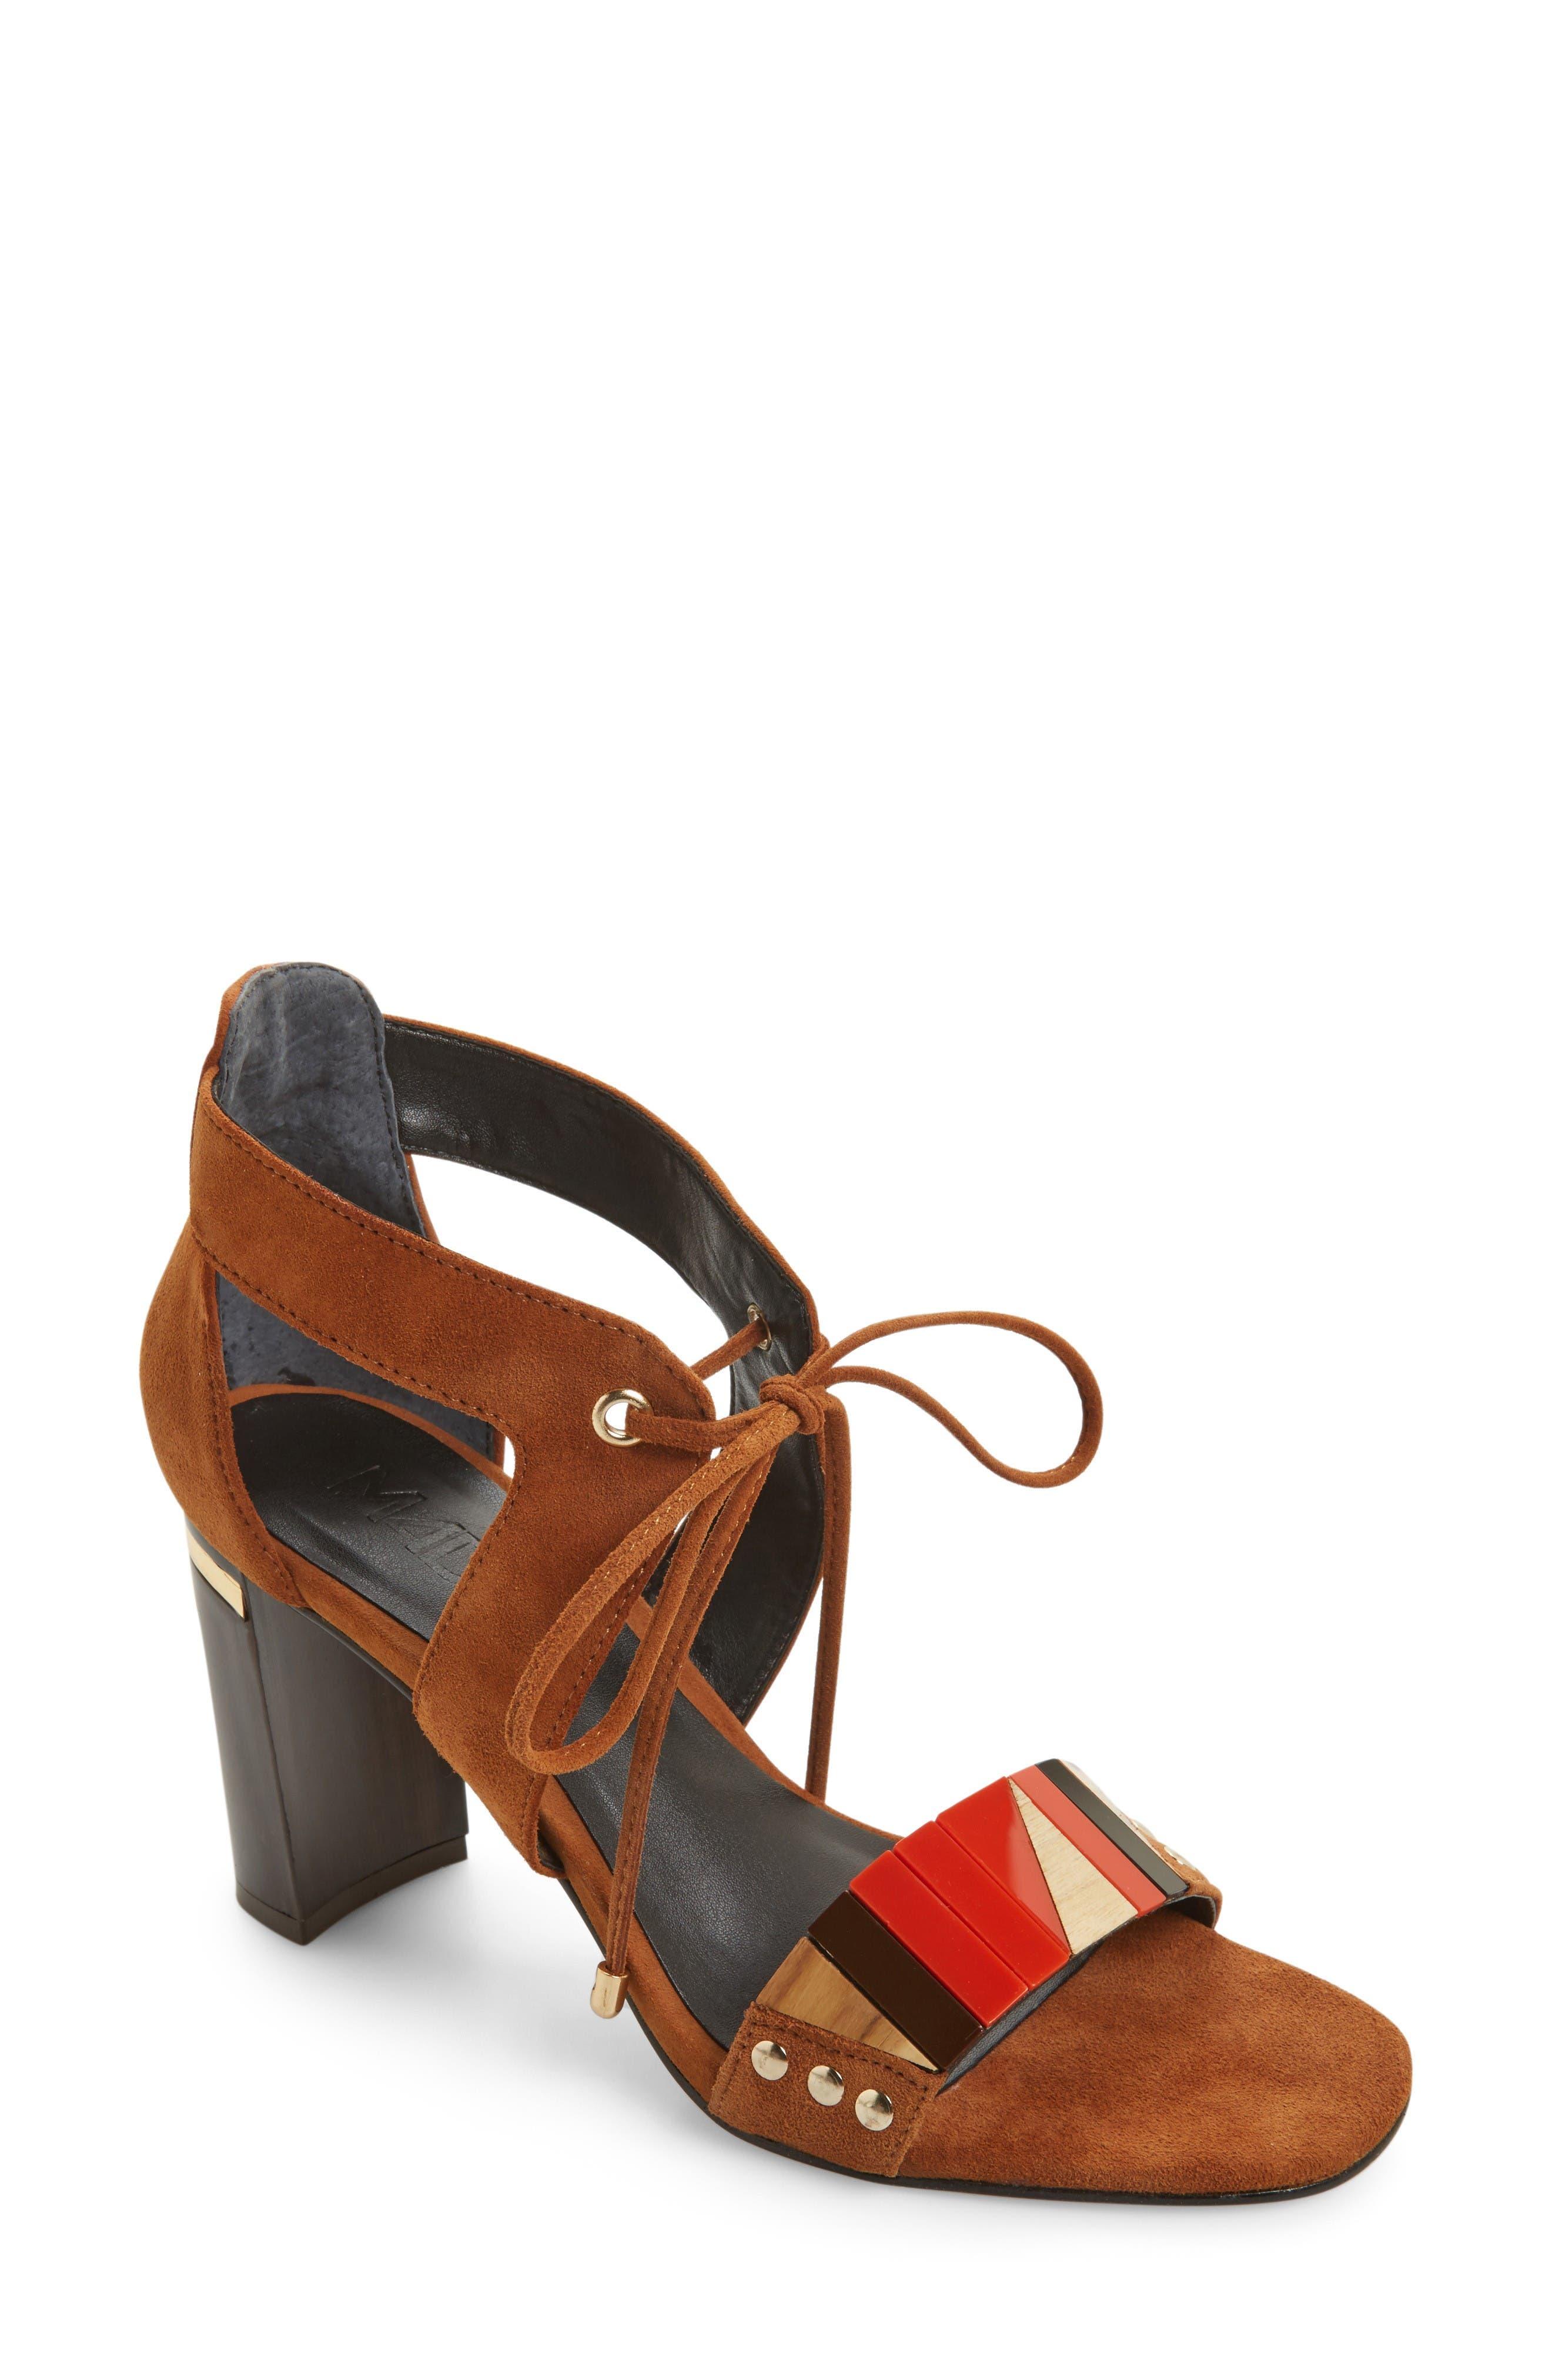 M4D3 FOOTWEAR M4D3 Lace-Up Sandal